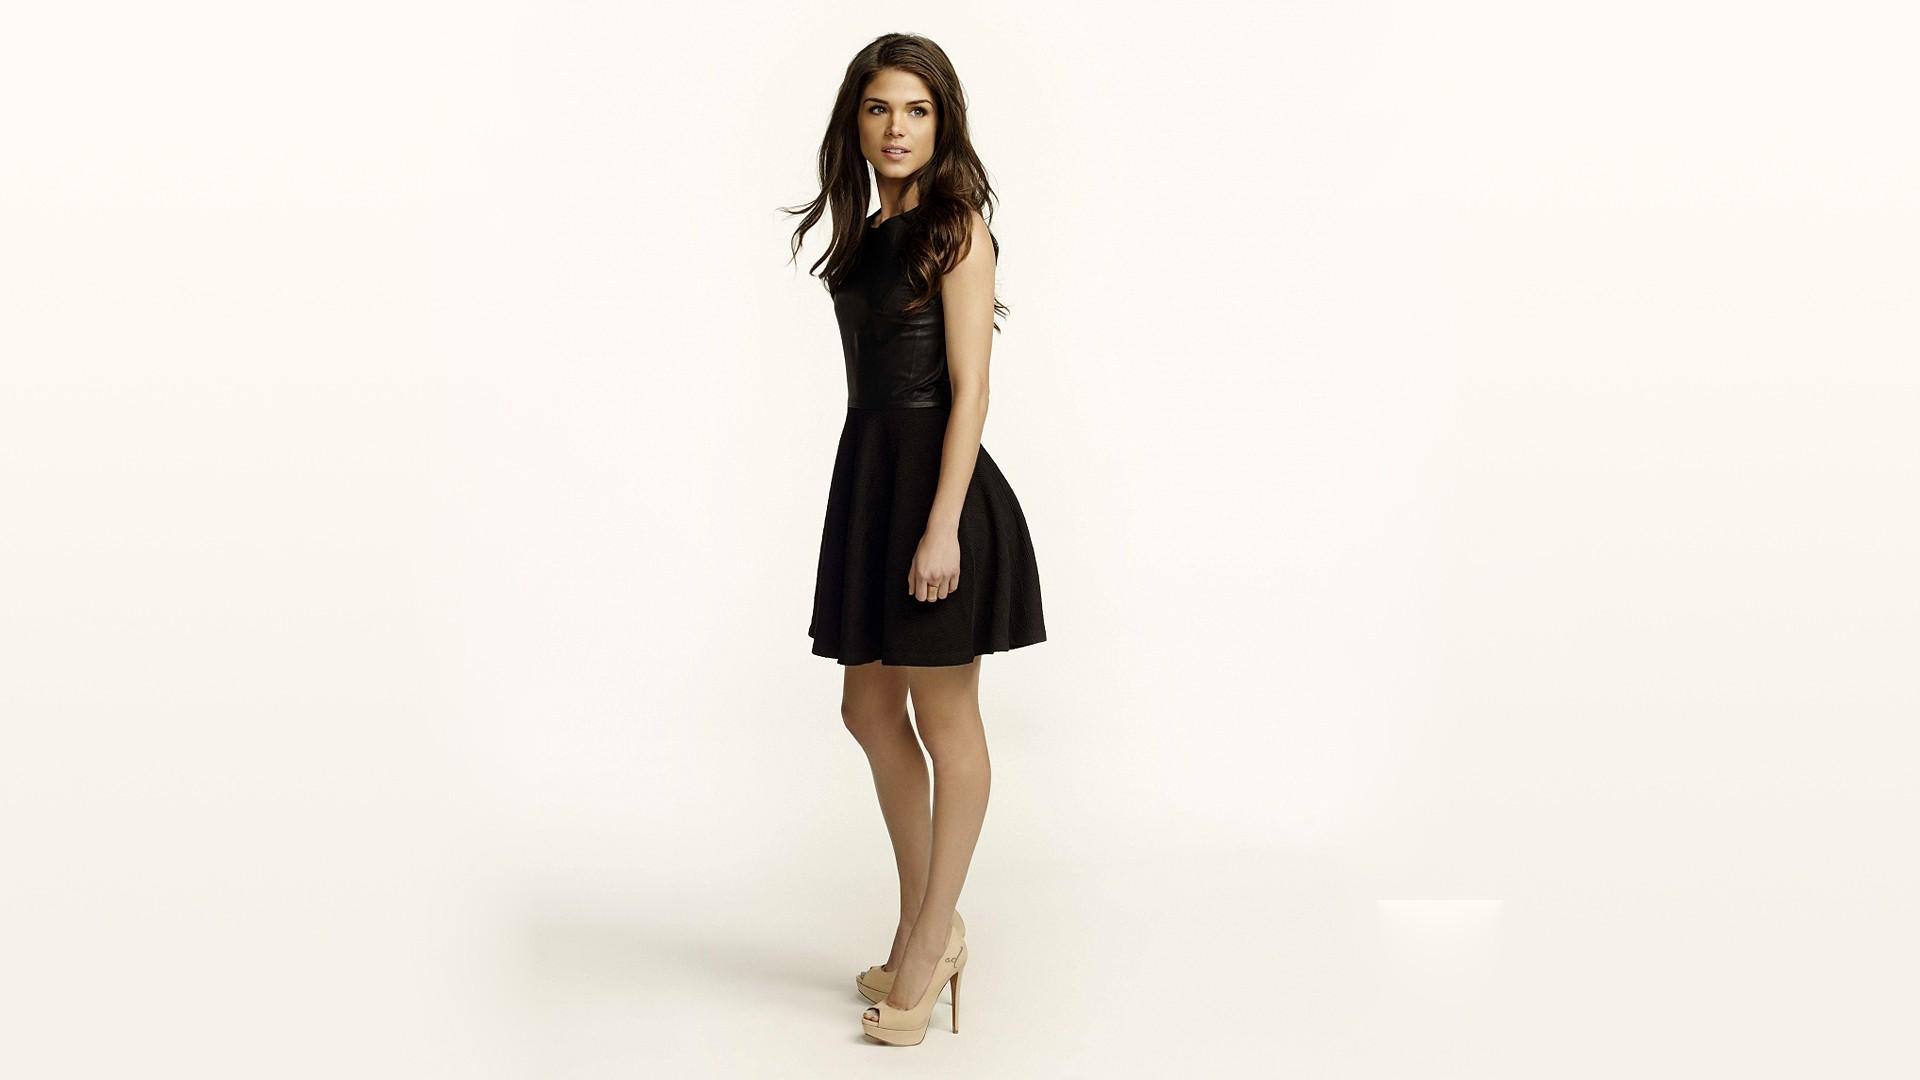 Hintergrundbilder : Modell-, Einfacher hintergrund, Schwarzes Kleid ...